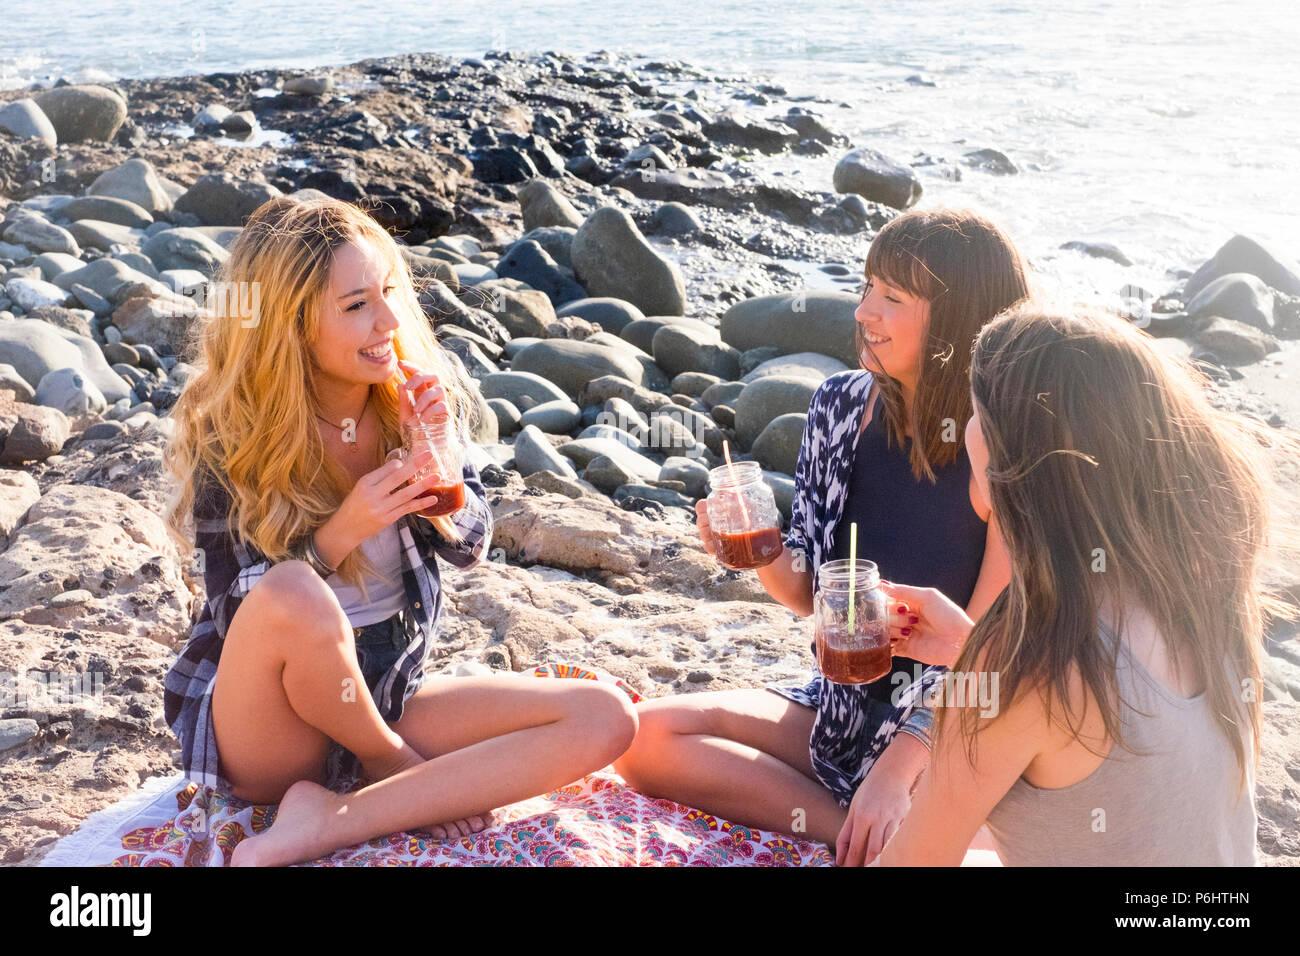 Gruppe von jungen Frauen Freund zusammen trinken Fruchtsaft auf einem Felsen am Strand auf Teneriffa. Beziehung für ein Team der Ferienhäuser und Glück zu EJOY. Stockbild